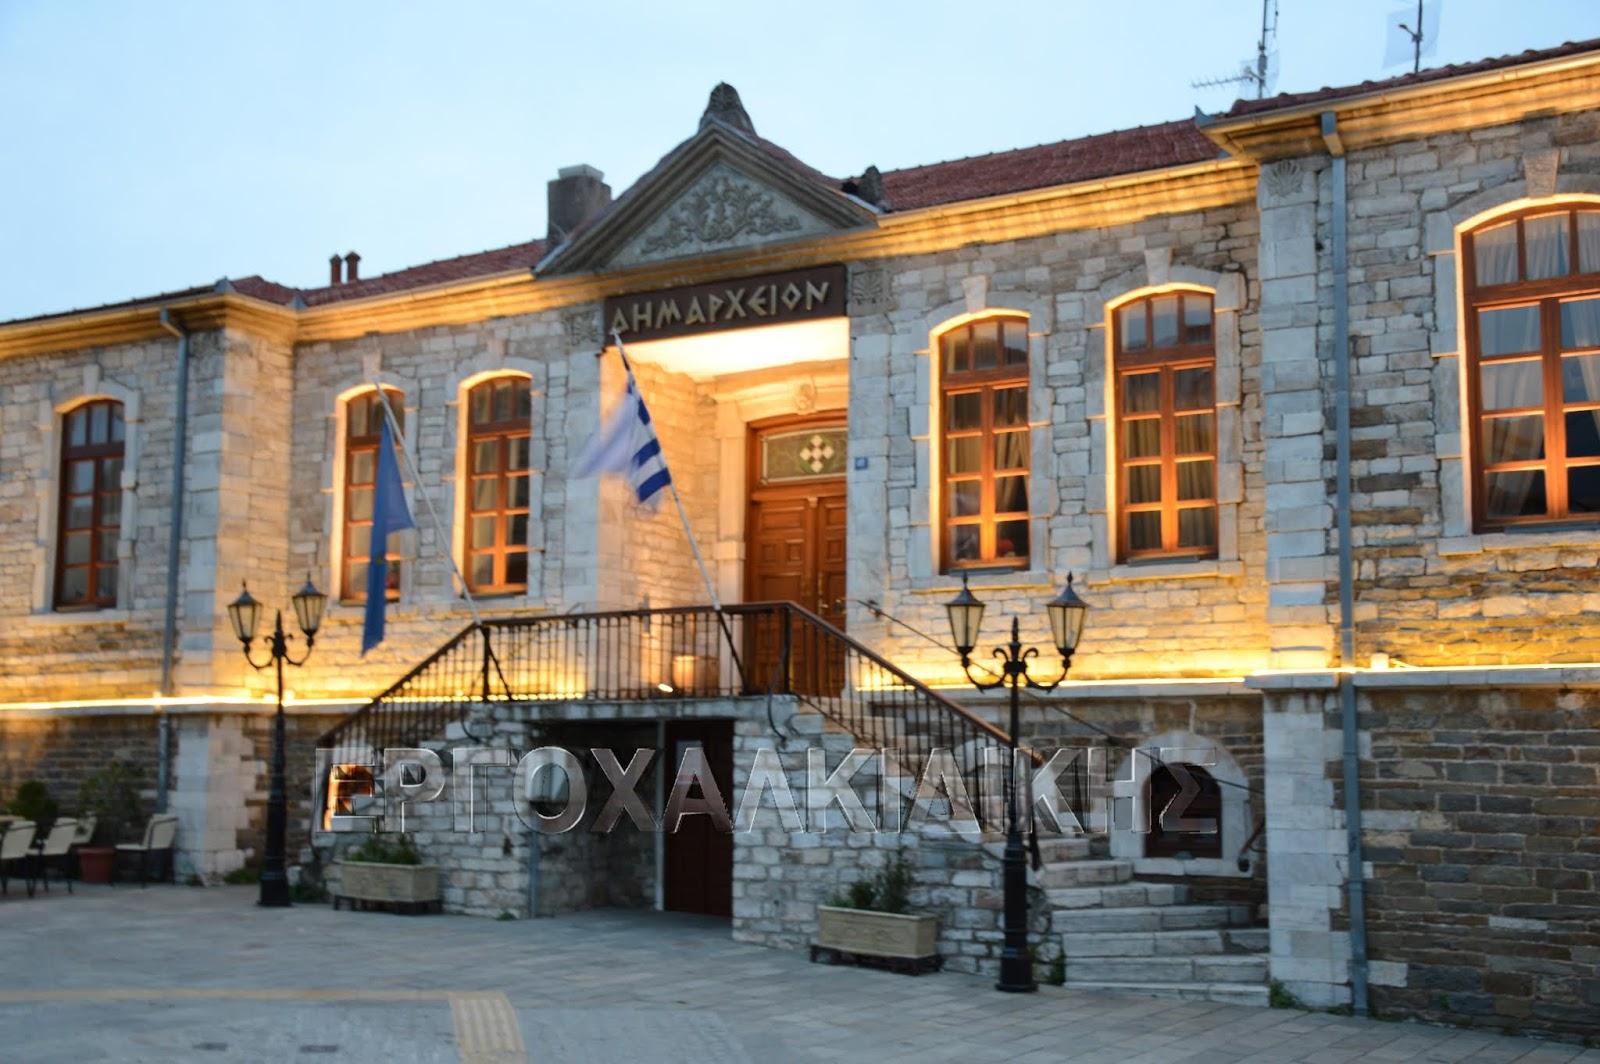 Δήμος Πολυγύρου: Συνεδρίαση δημοτικού συμβουλίου